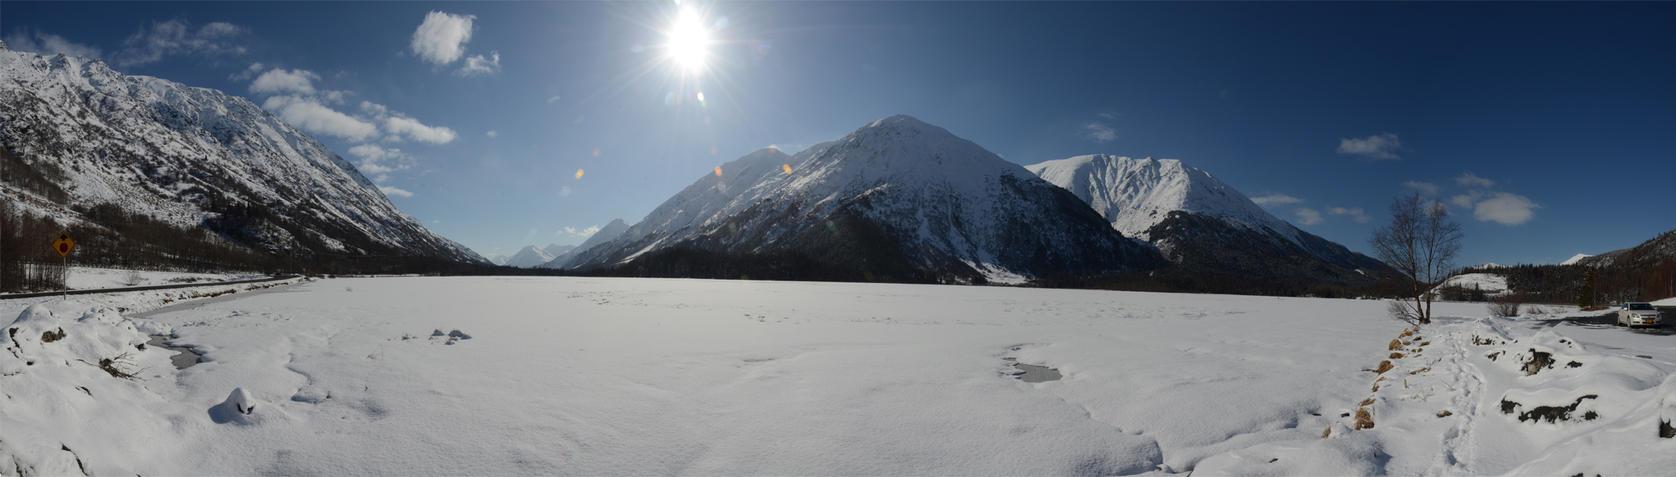 Tern Lake 2011-04-06 by eRality